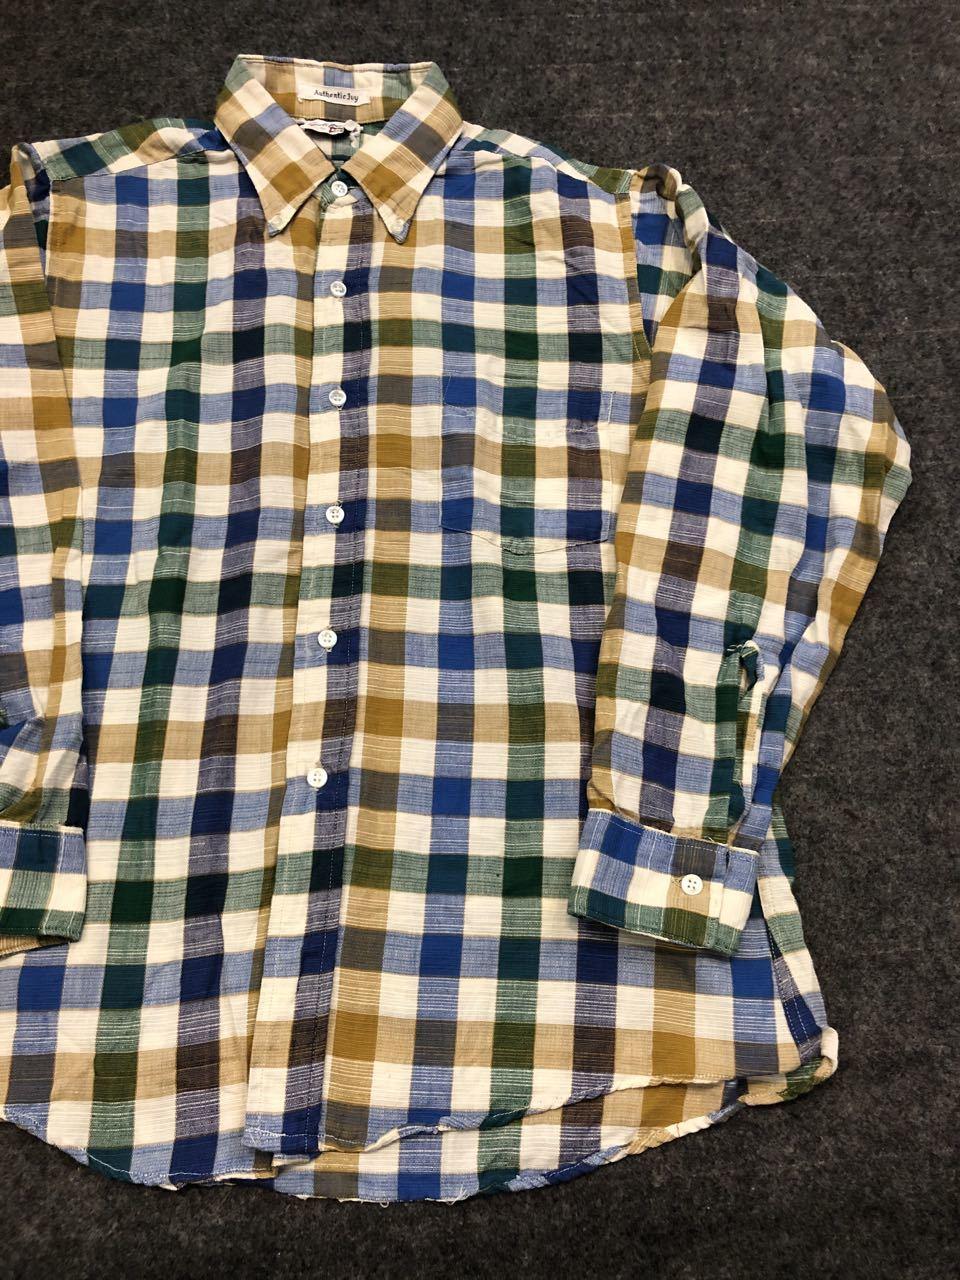 アメリカ仕入れ情報#30 3/14入荷!E&W Authentic IVY  B.D shirts!_c0144020_14132878.jpg